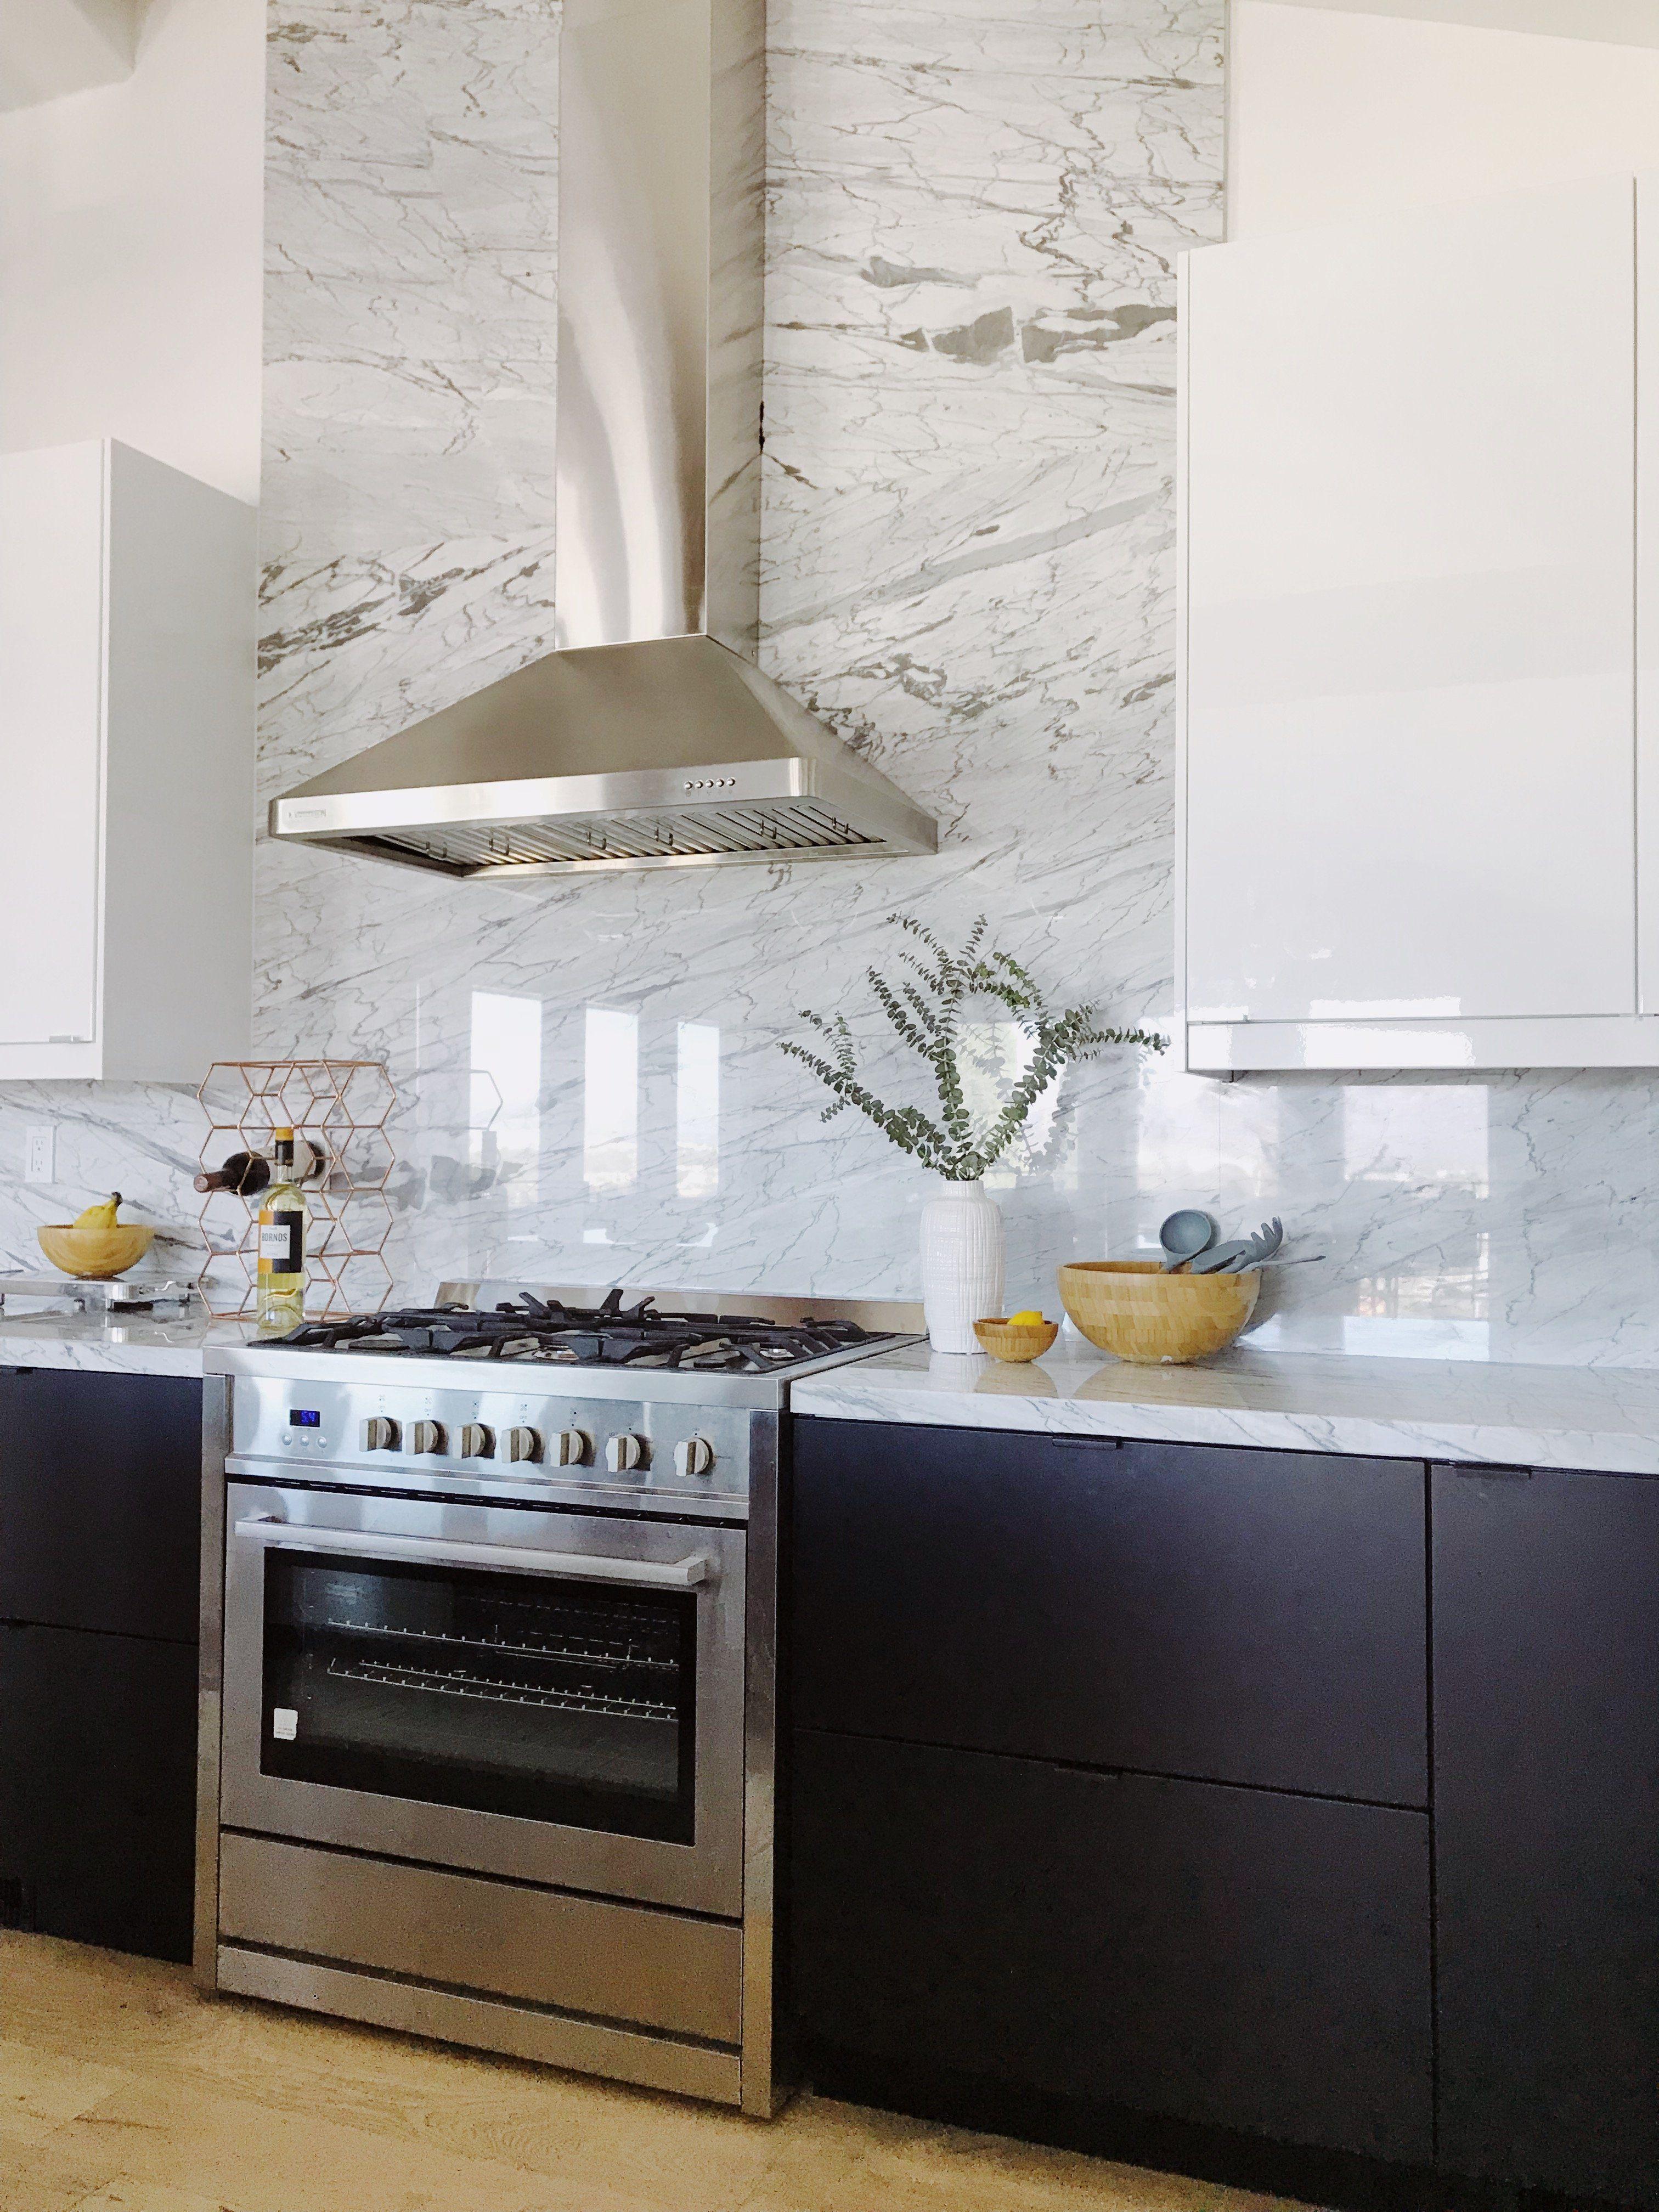 Amazing Black And White Kitchen With Marble Backsplash White